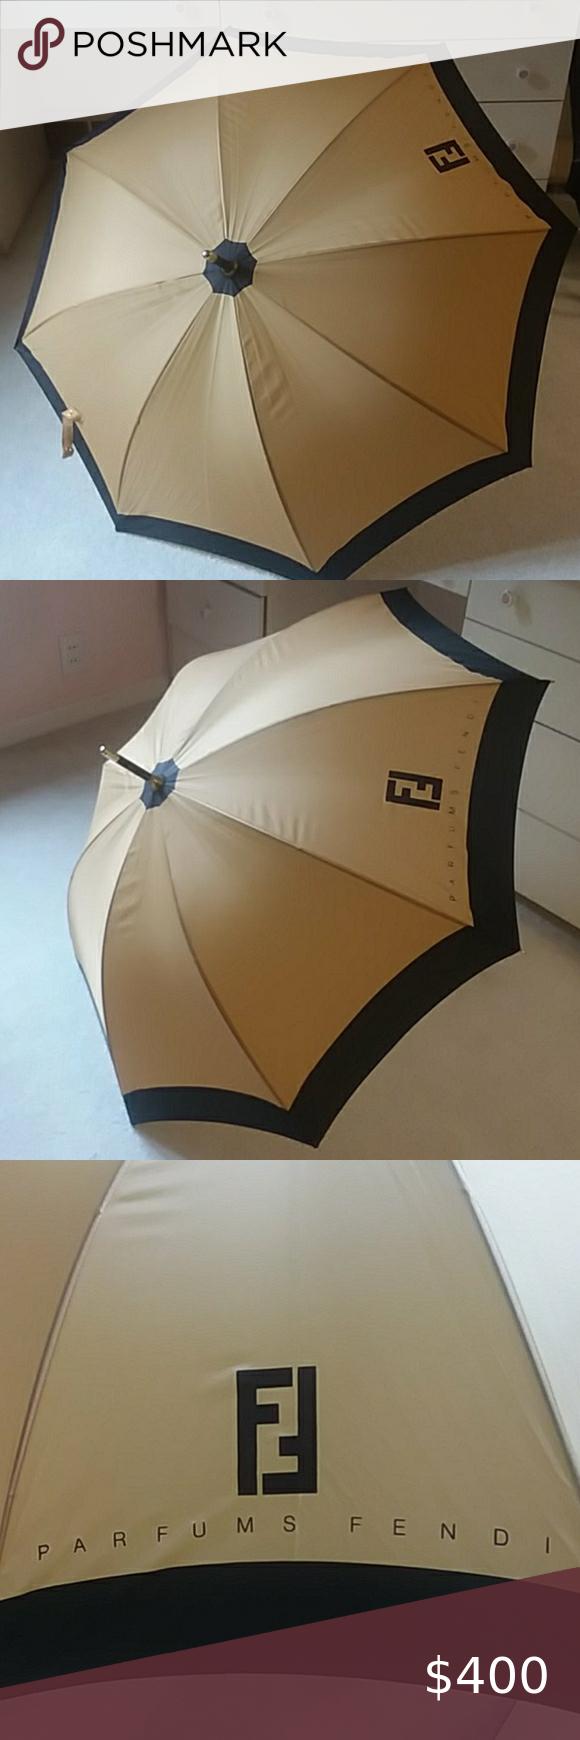 Authentic Fendi Parfums Tan Black Umbrella In 2020 Fendi Black Umbrella Umbrella